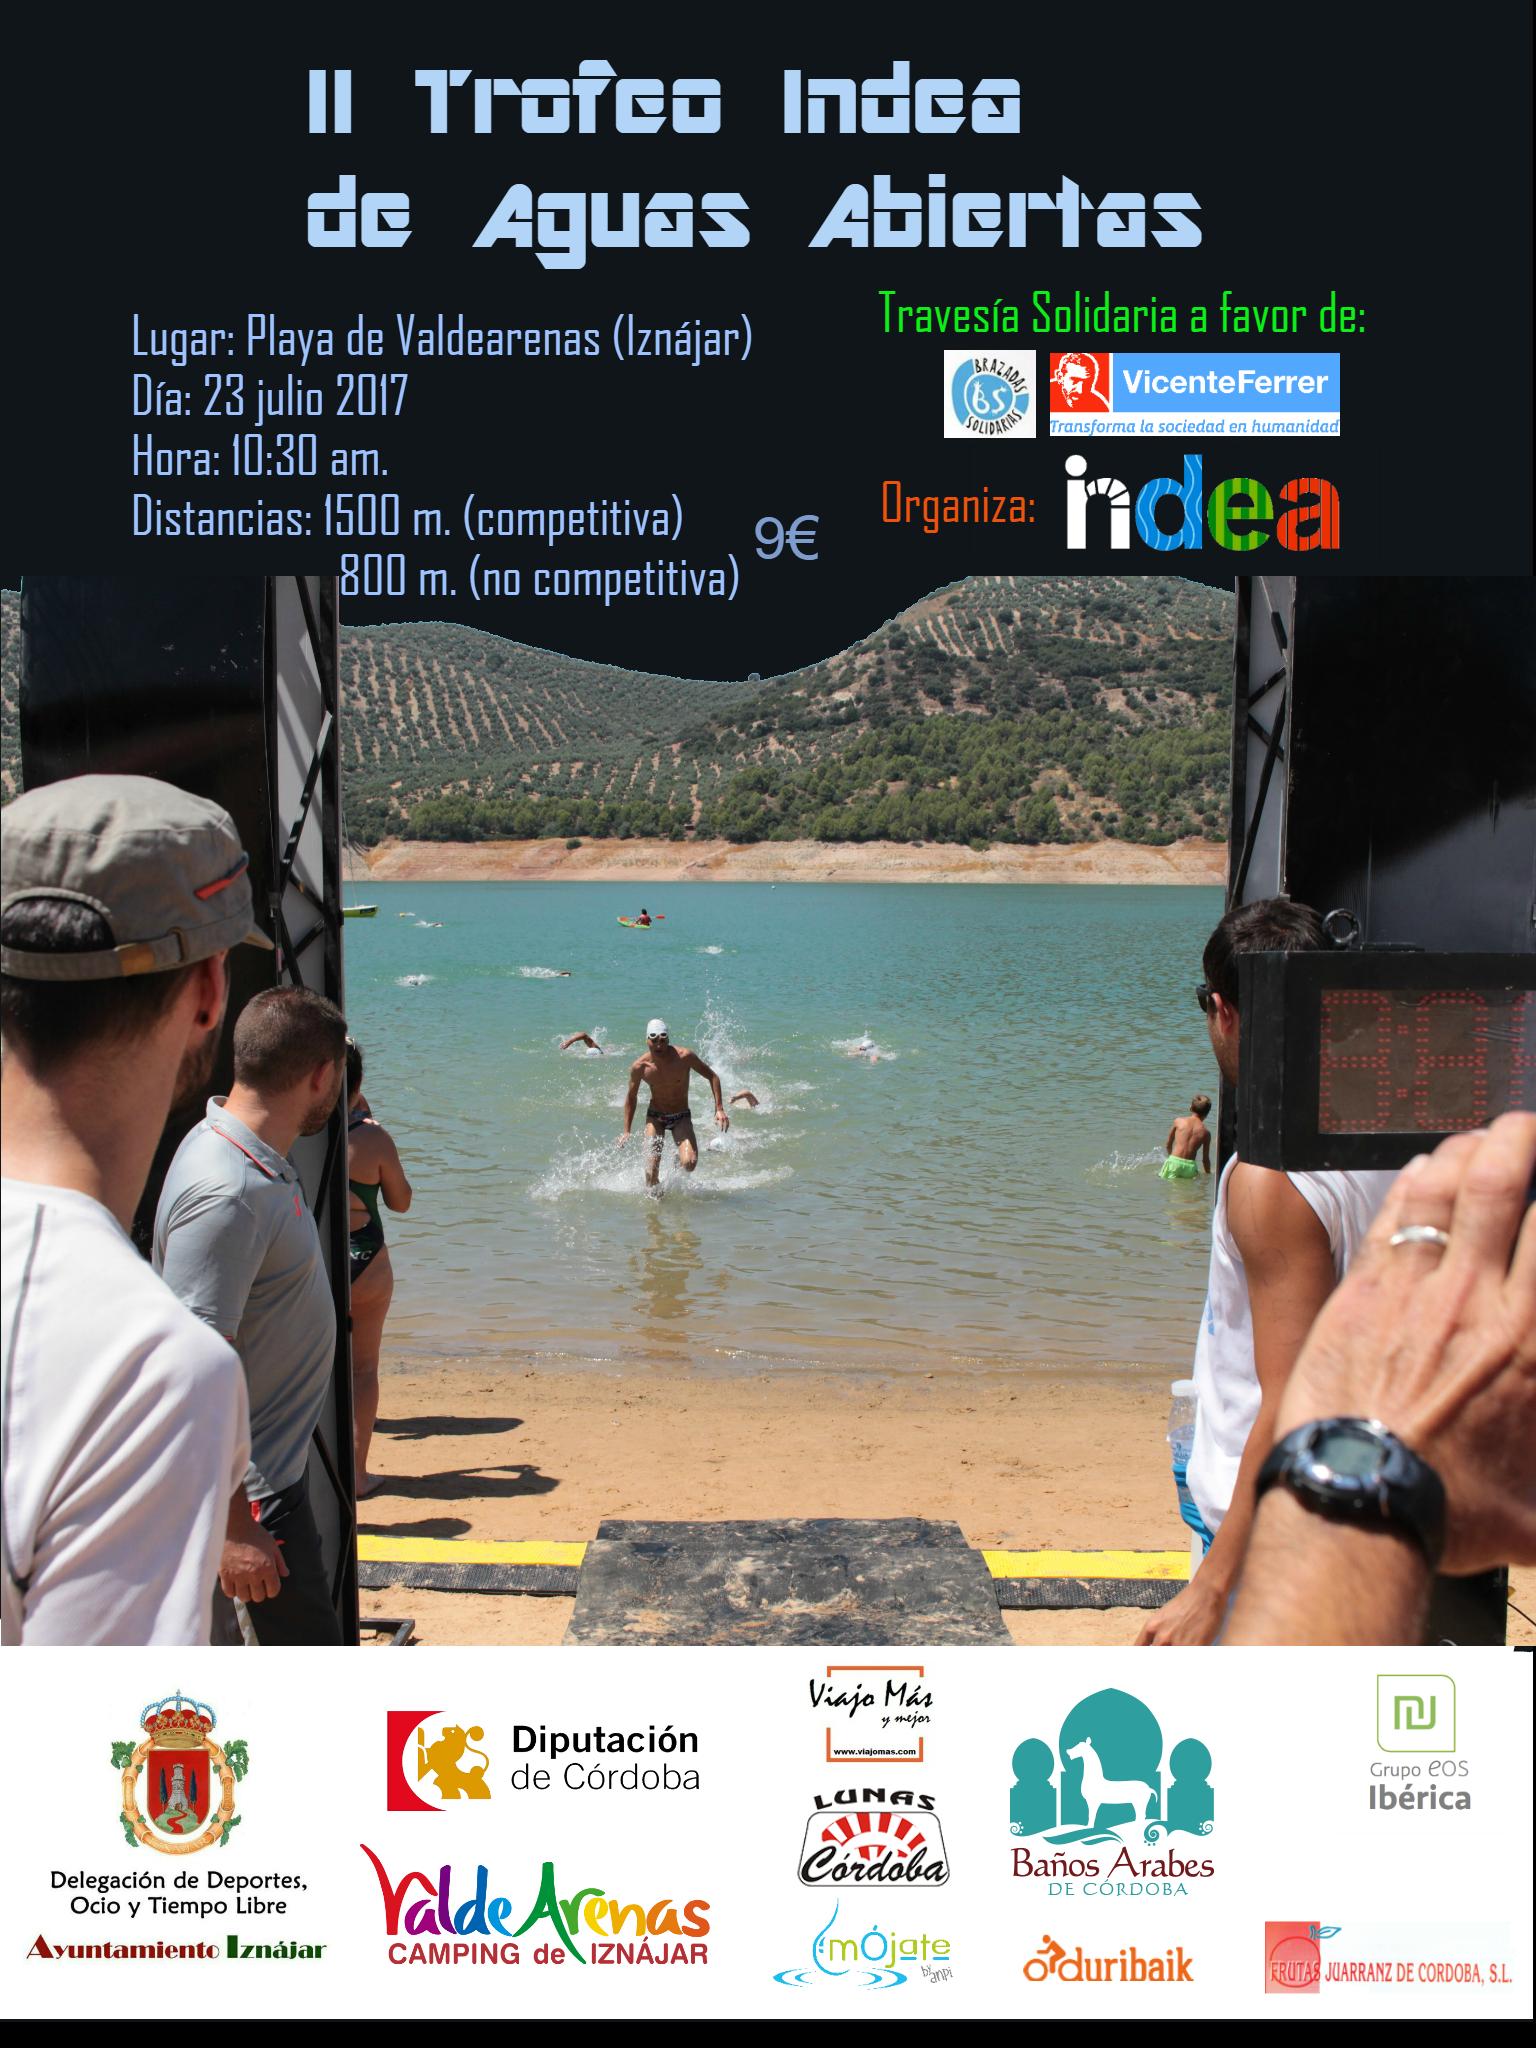 II Travesía Trofeo INDEA de aguas abiertas - Sprint Chip